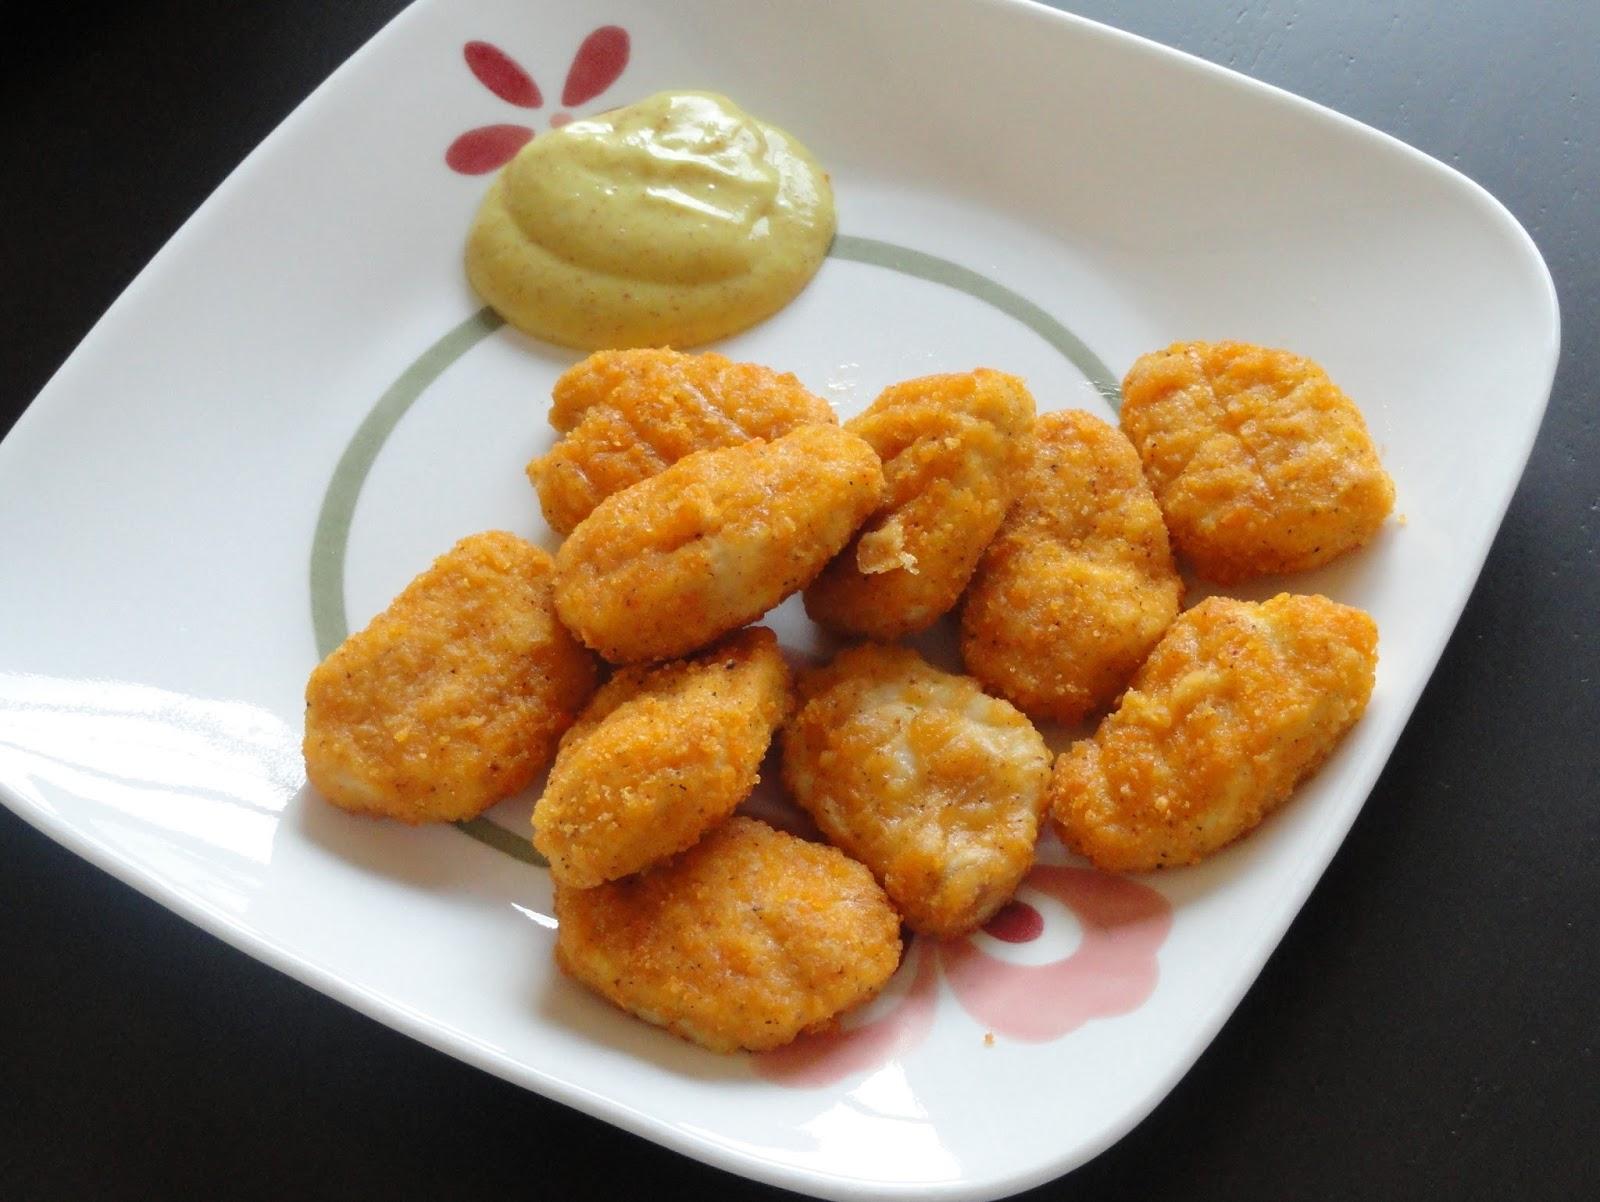 As Good As Gluten: Tyson Gluten Free Chicken Nuggets with ...